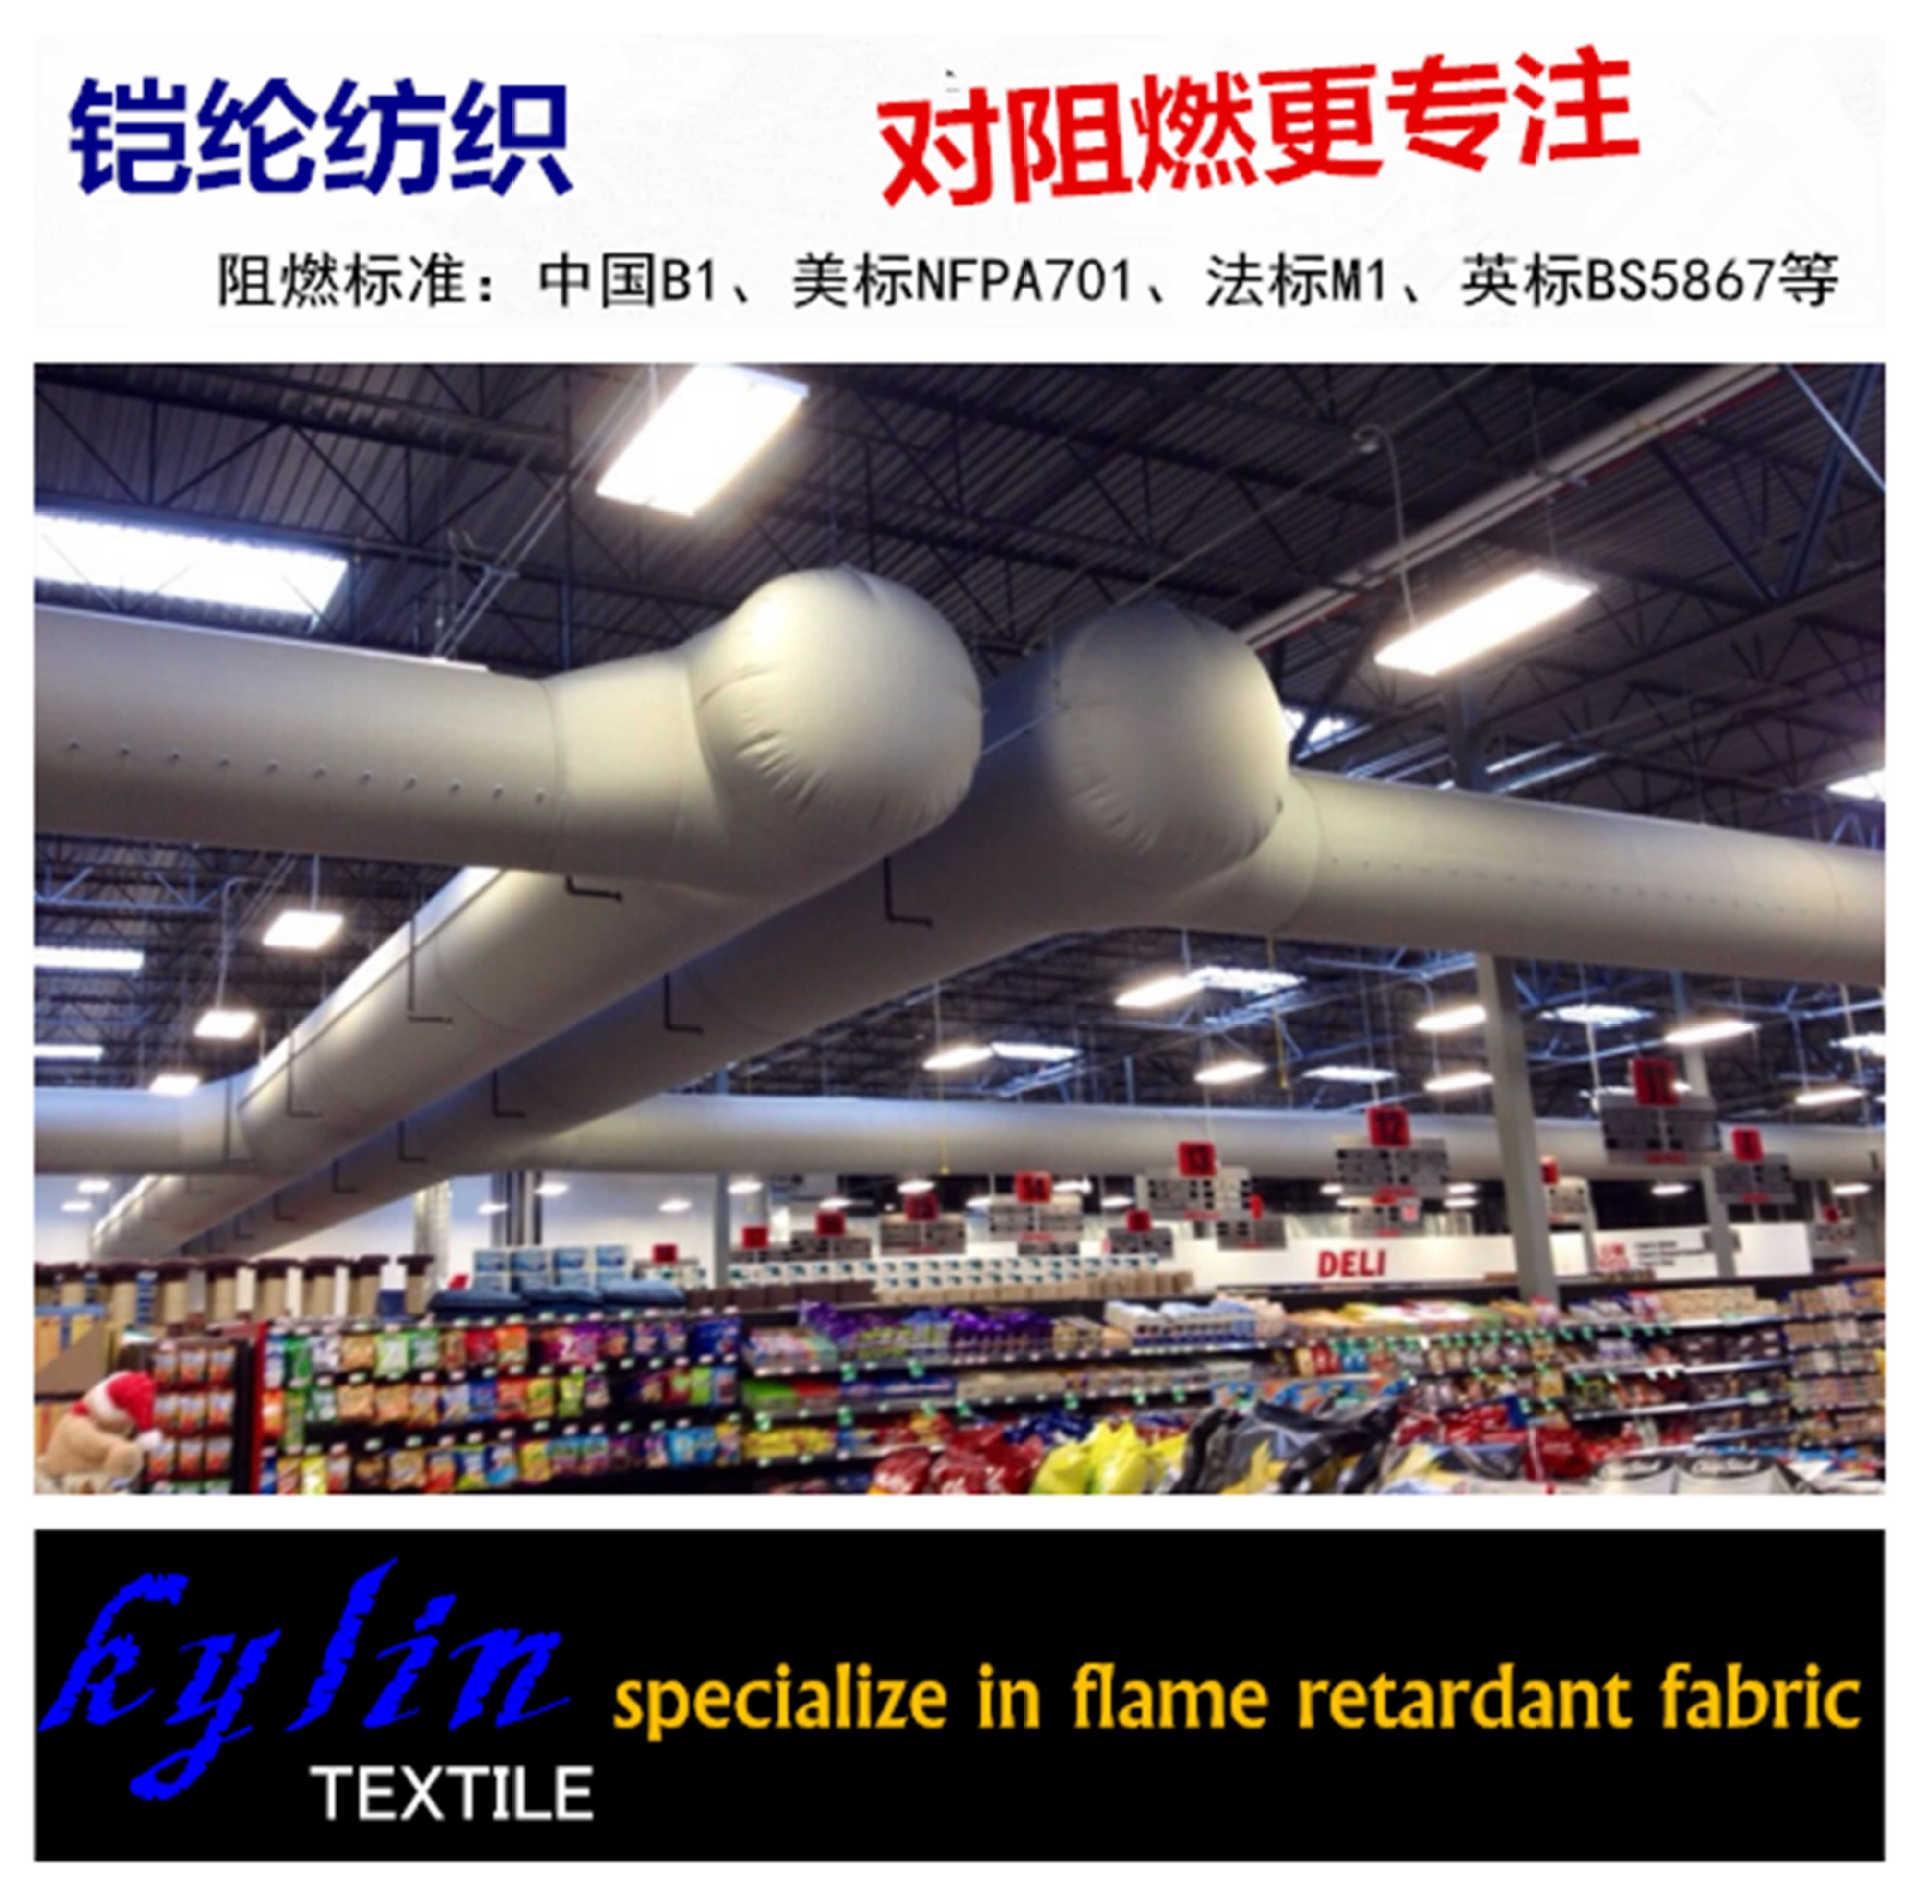 铠纶纱线阻燃涤纶布袋风管 阻燃纤维风管